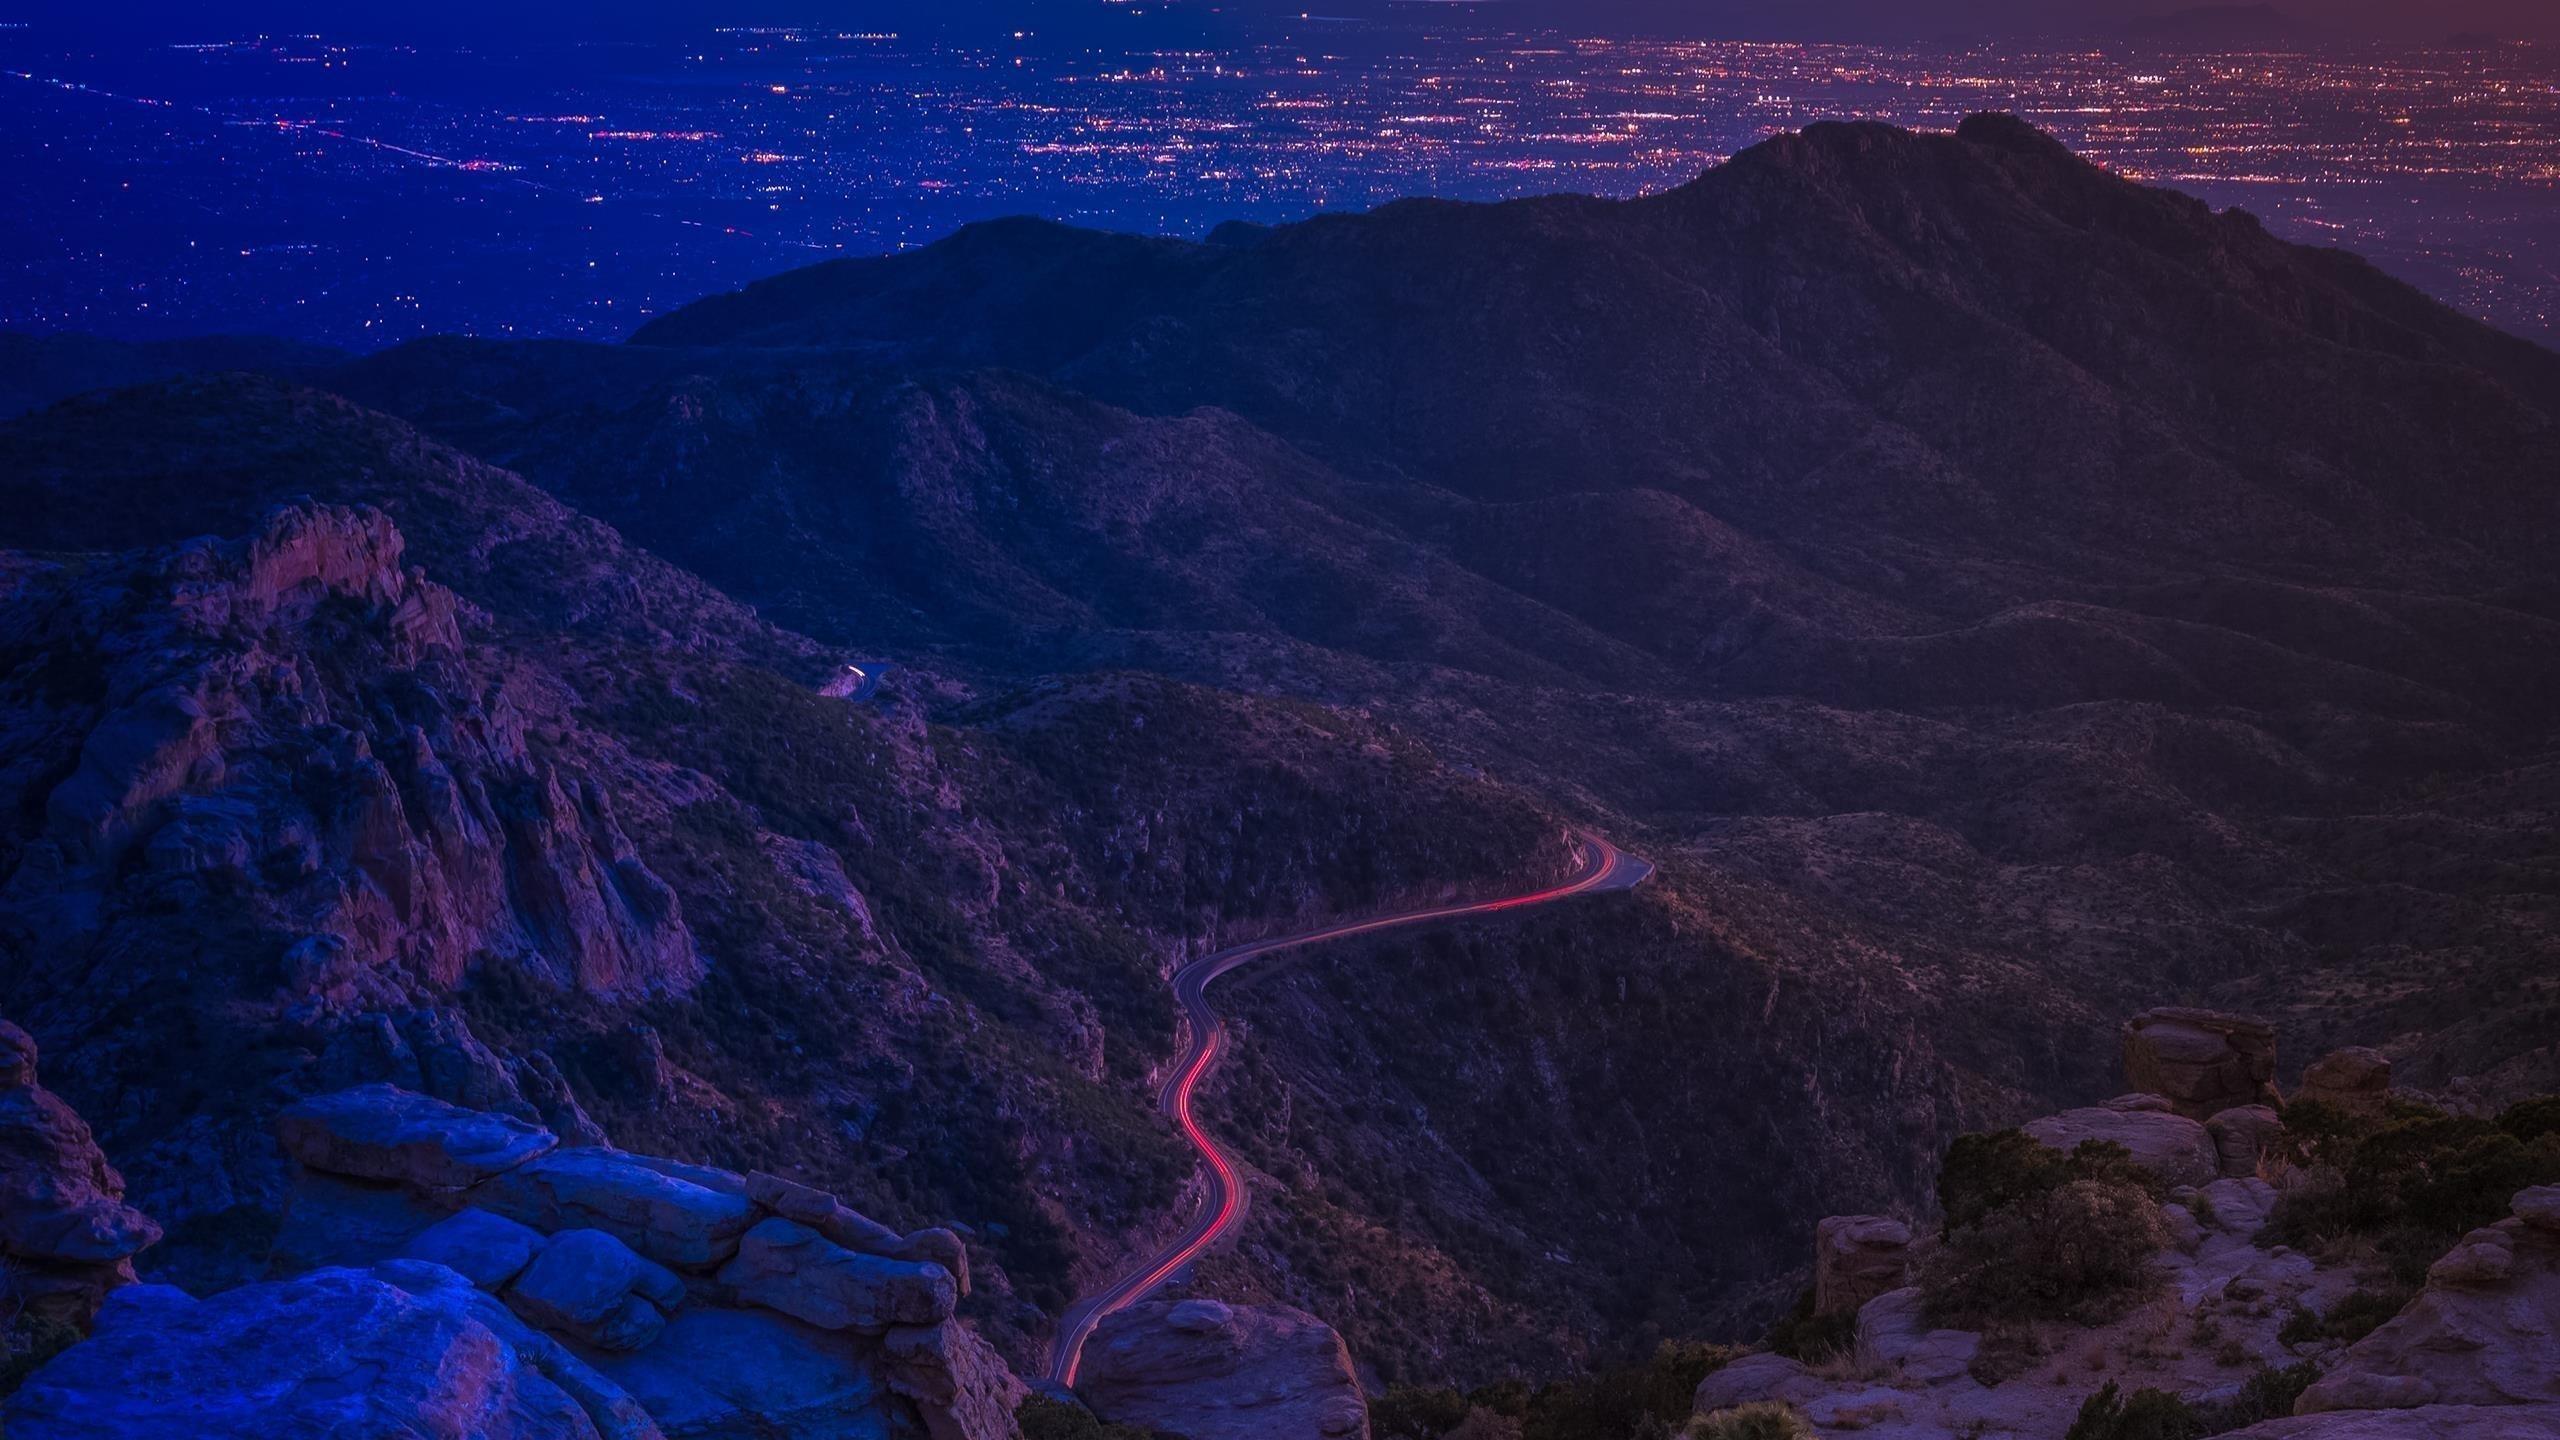 Темная покрытая Гора между молниями дорога природа обои скачать